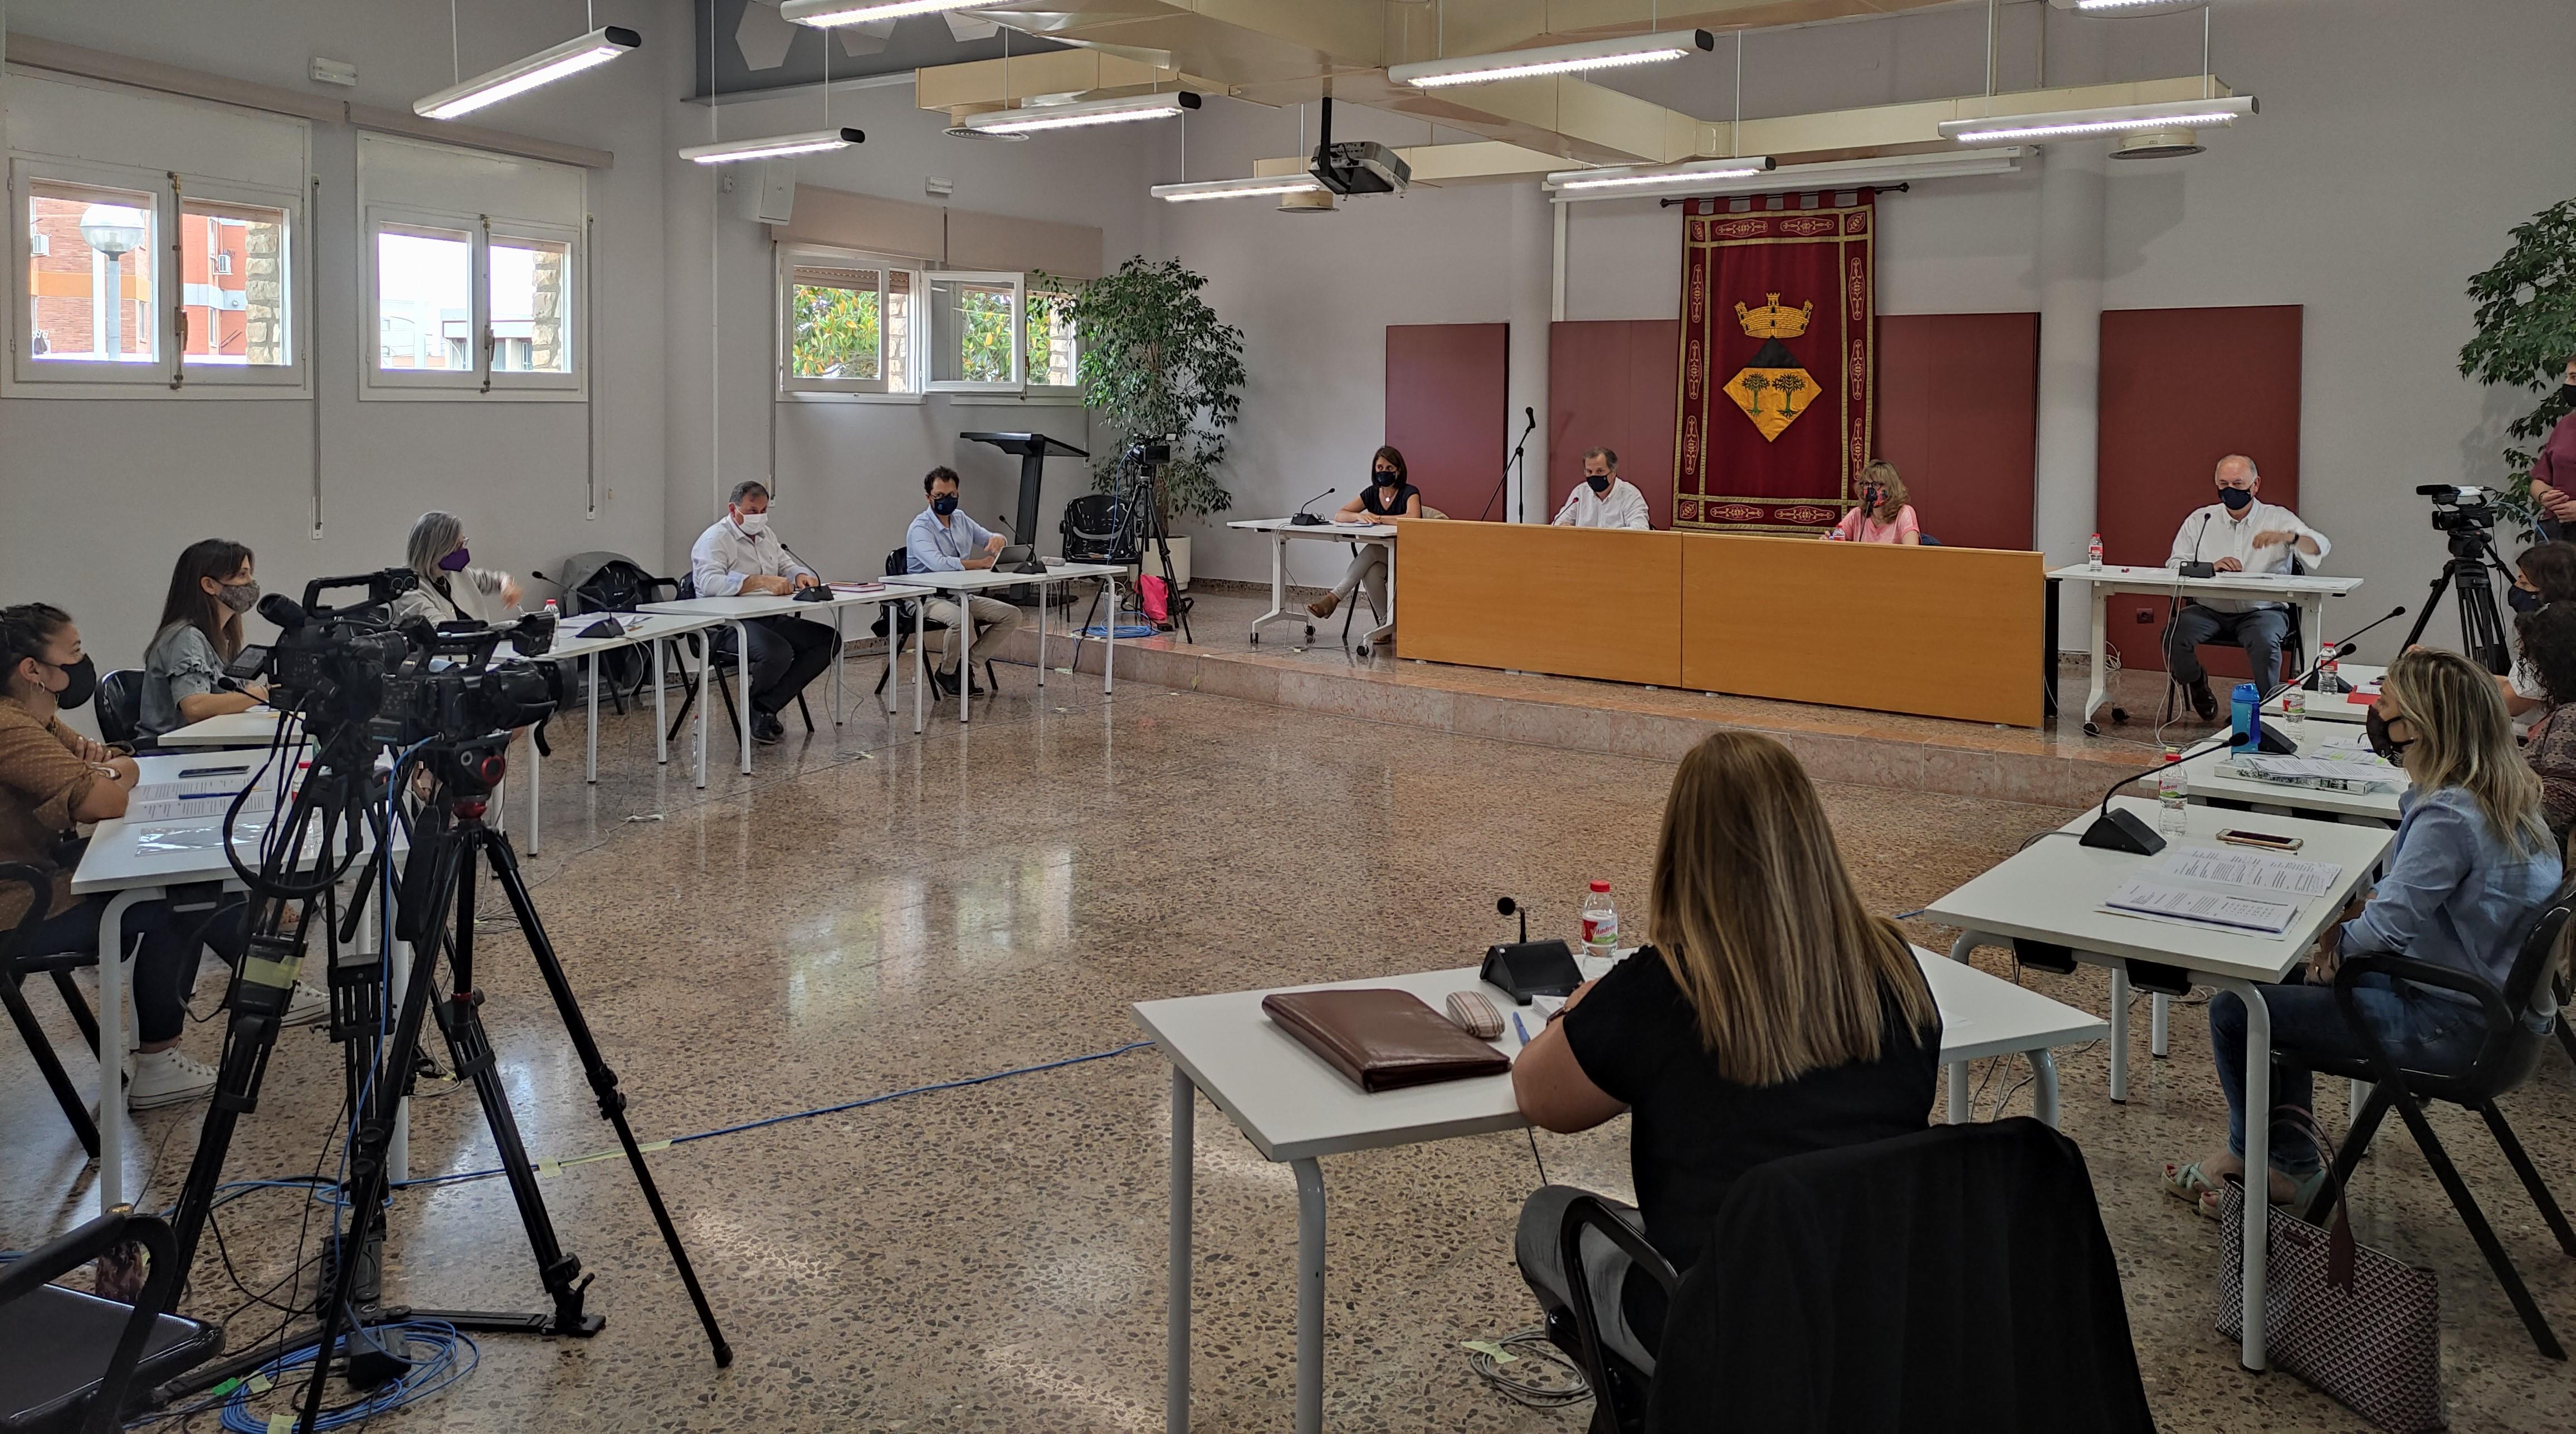 L'Ajuntament de Vandellòs i l'Hospitalet de l'Infant aprova definitivament l'ordenança que regula la taxa per estacionament de vehicles en determinades zones